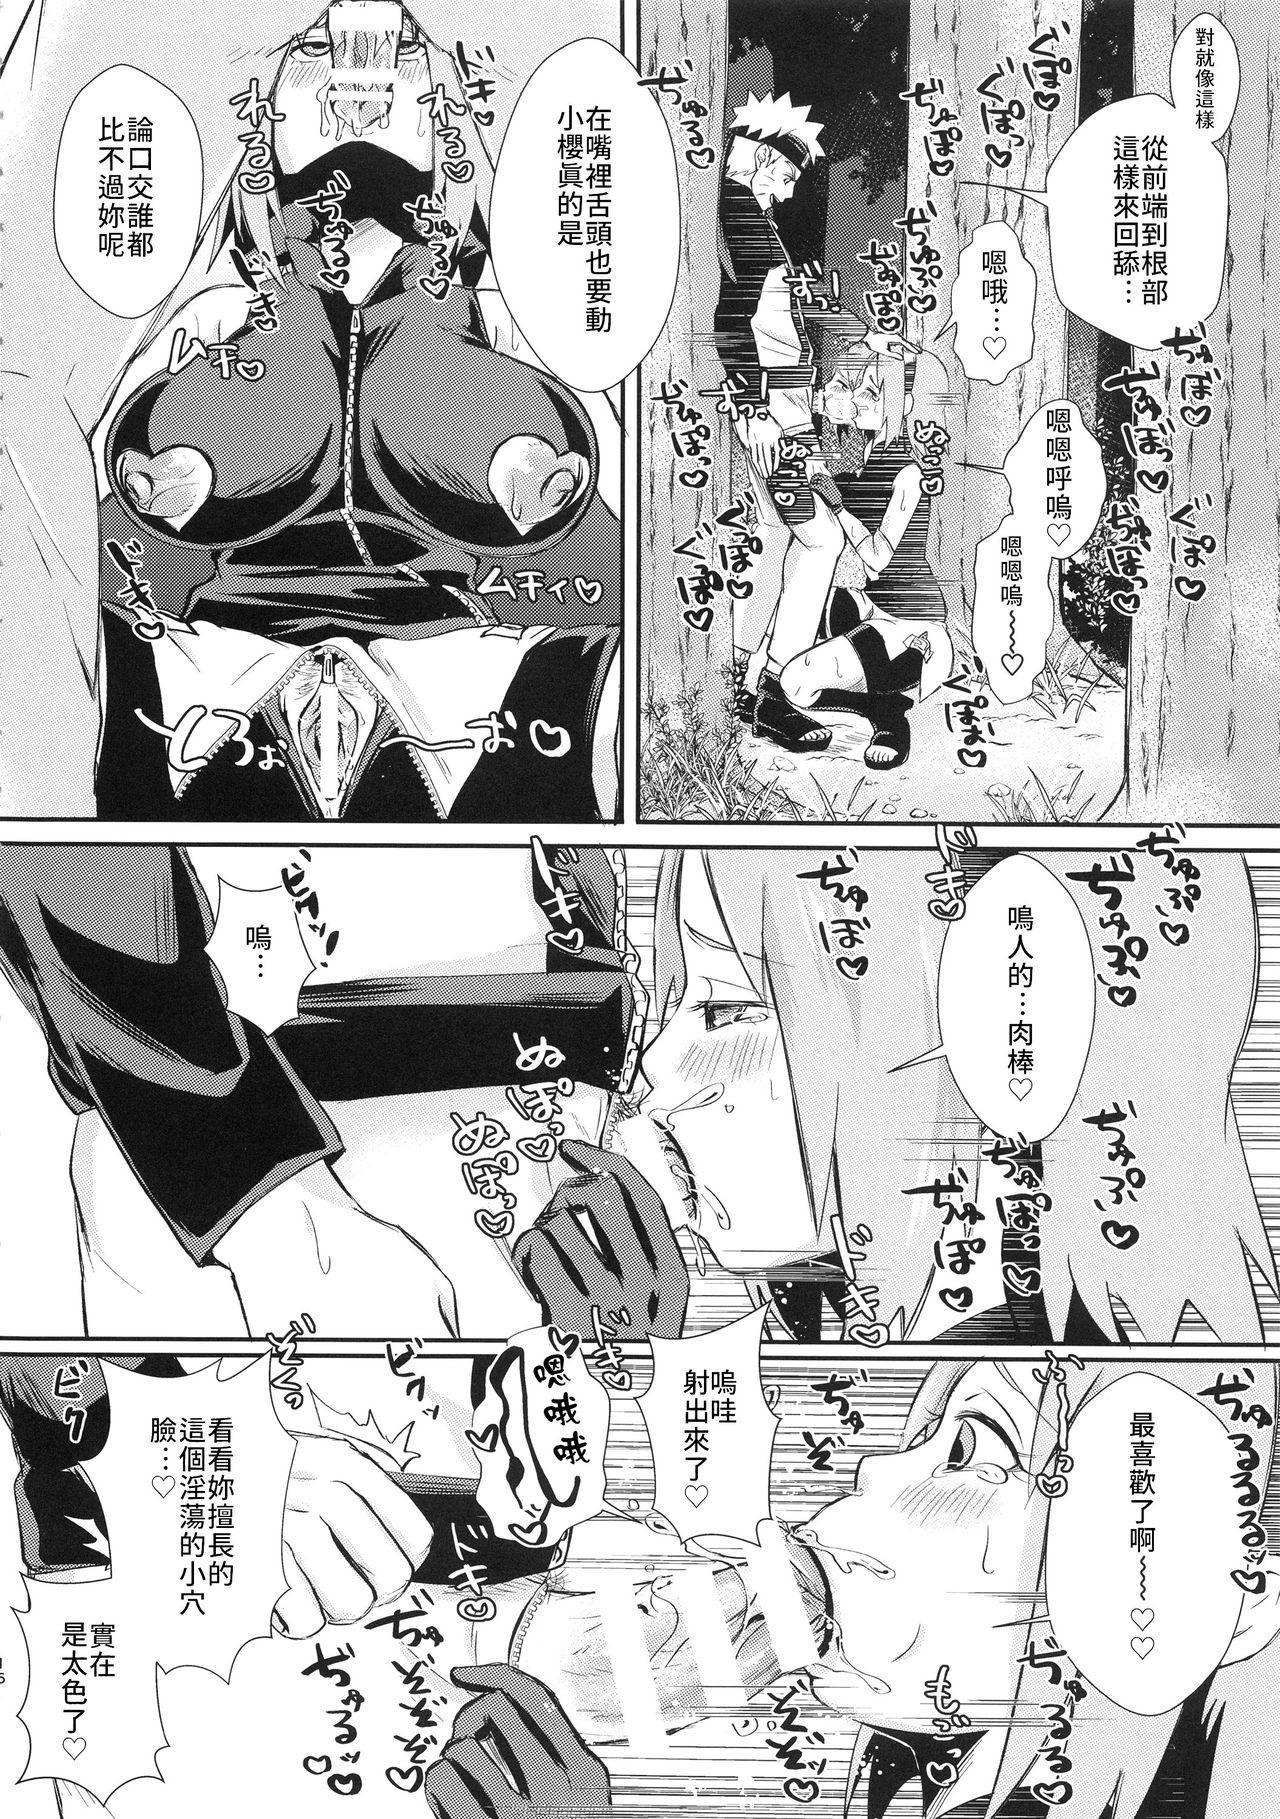 Uzumaki-san ni Omotenashi   給漩渦先生獻上服務吧♥ 15